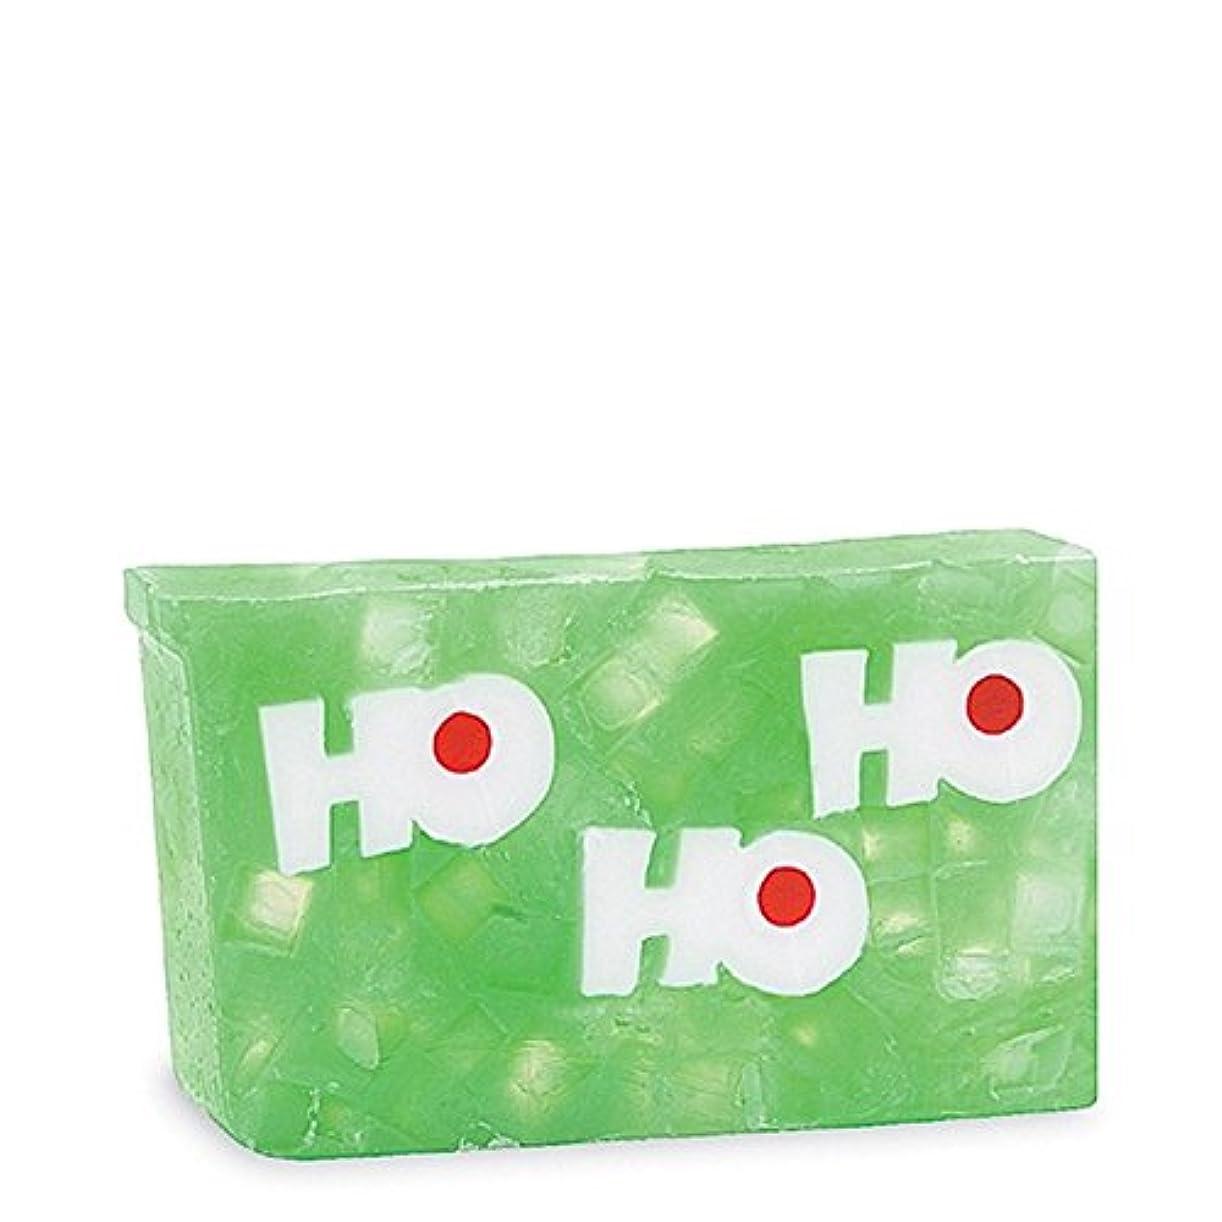 崖不利益裸Primal Elements Ho Ho Ho Soap - 原初の要素ホーホーホ石鹸 [並行輸入品]